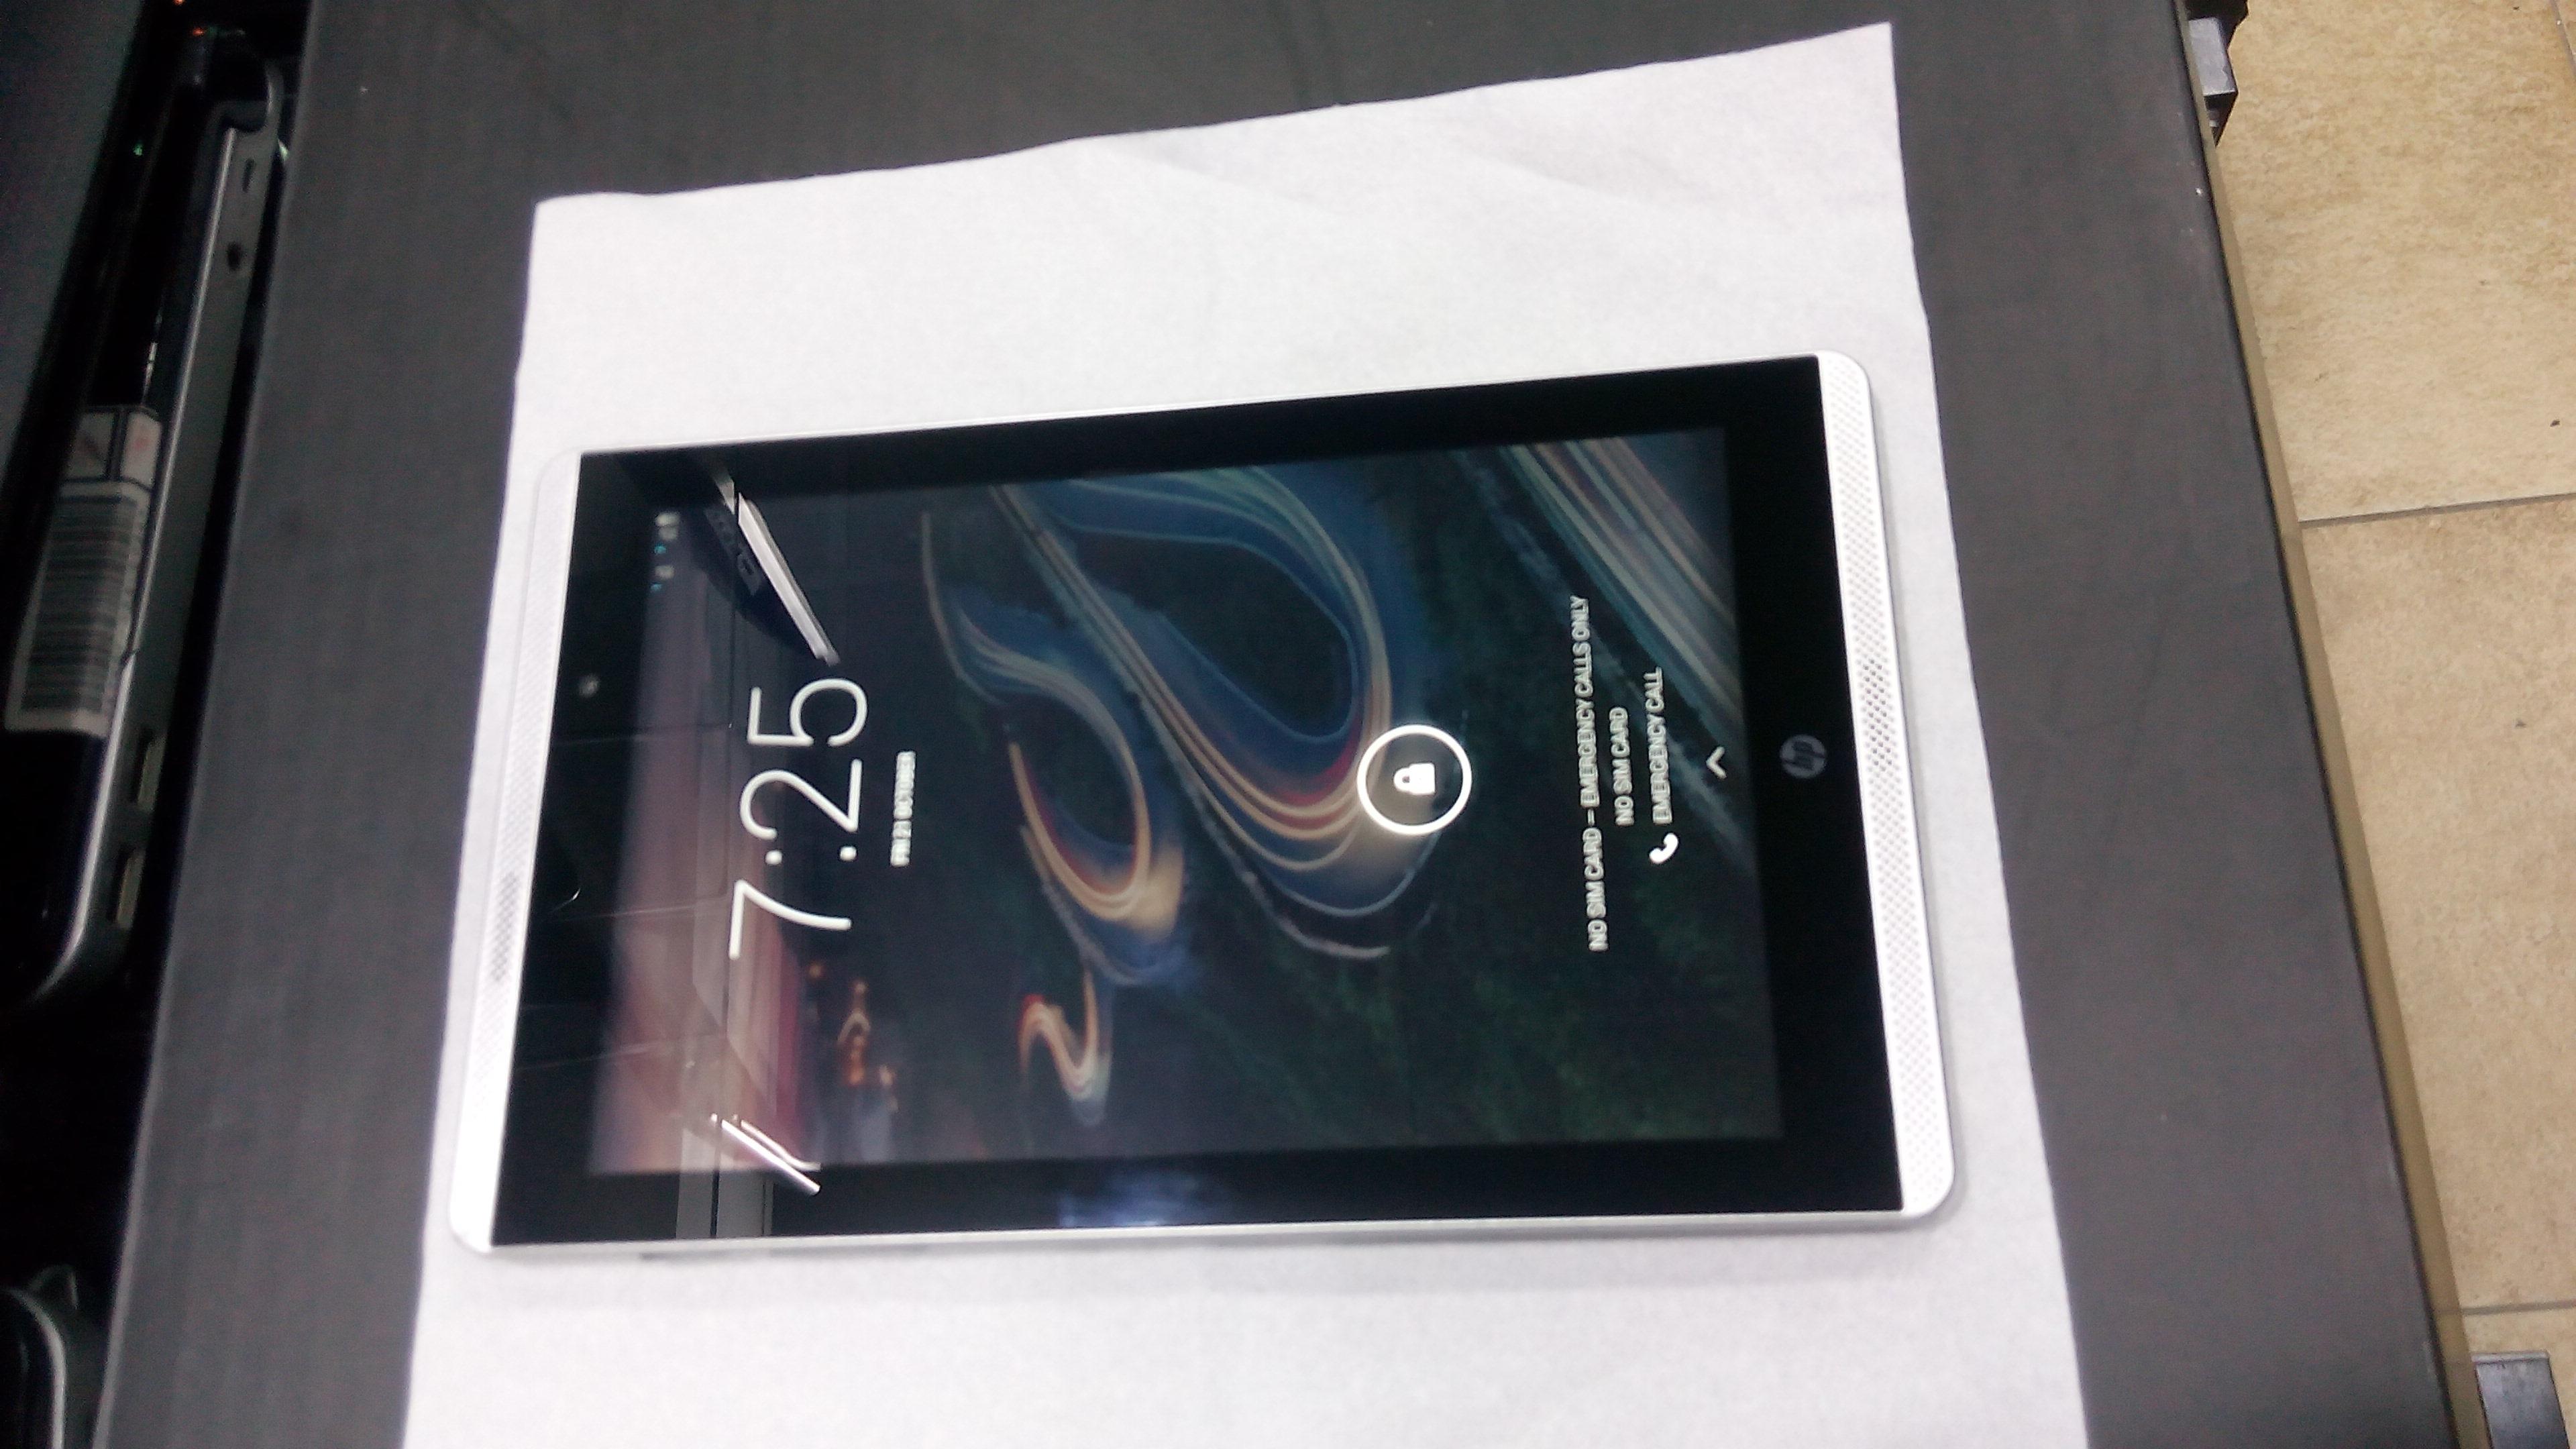 Hp tablet slate 7 (wifi+dual sim)